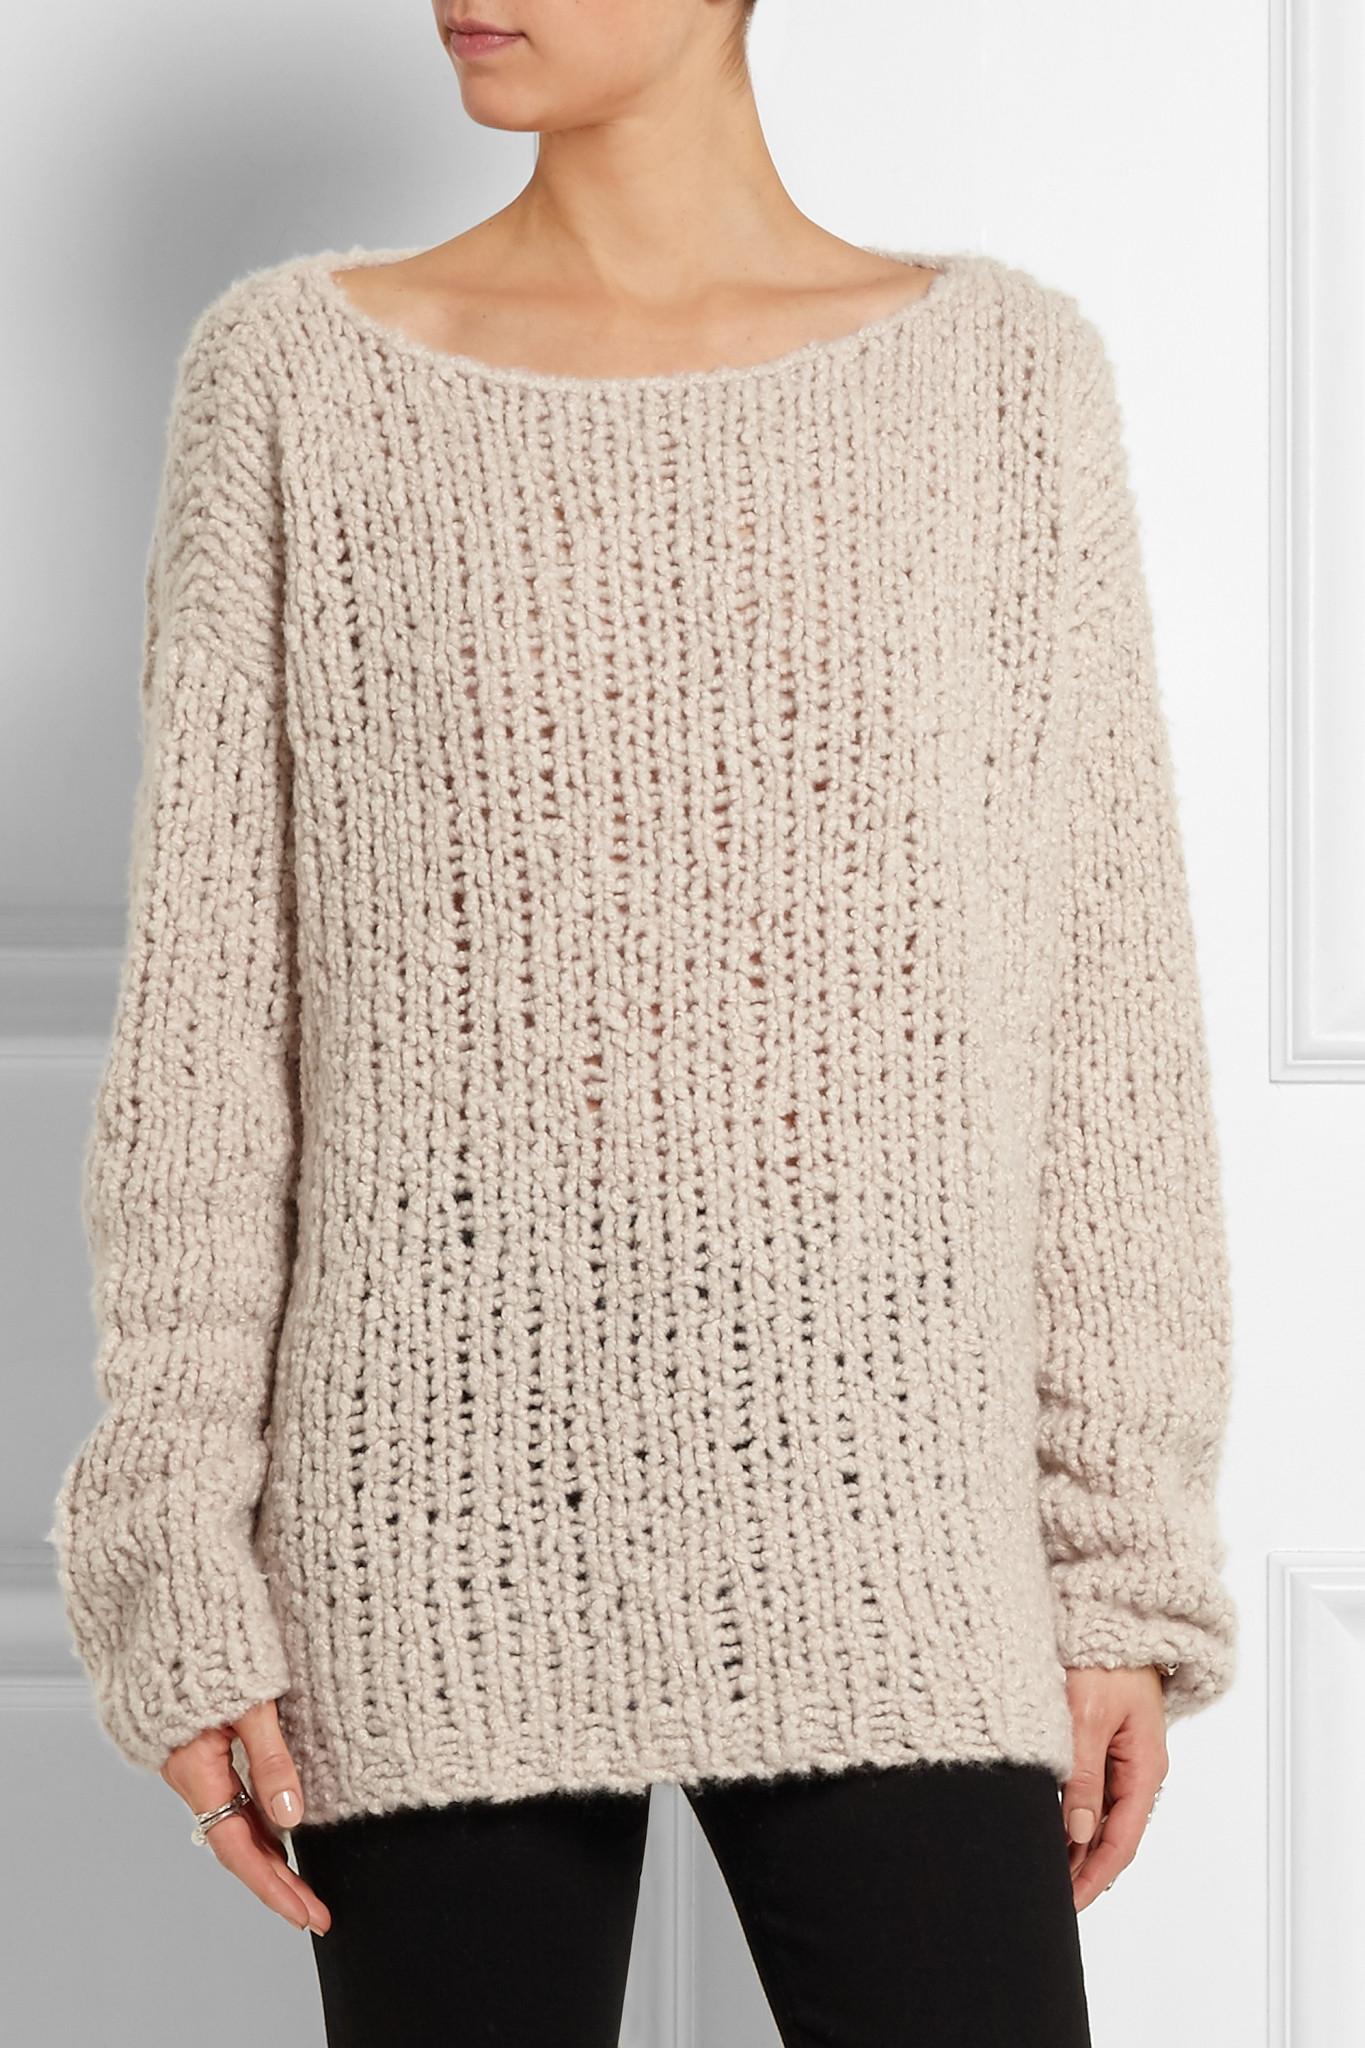 Donna karan Chunky-knit Cashmere Sweater | Lyst